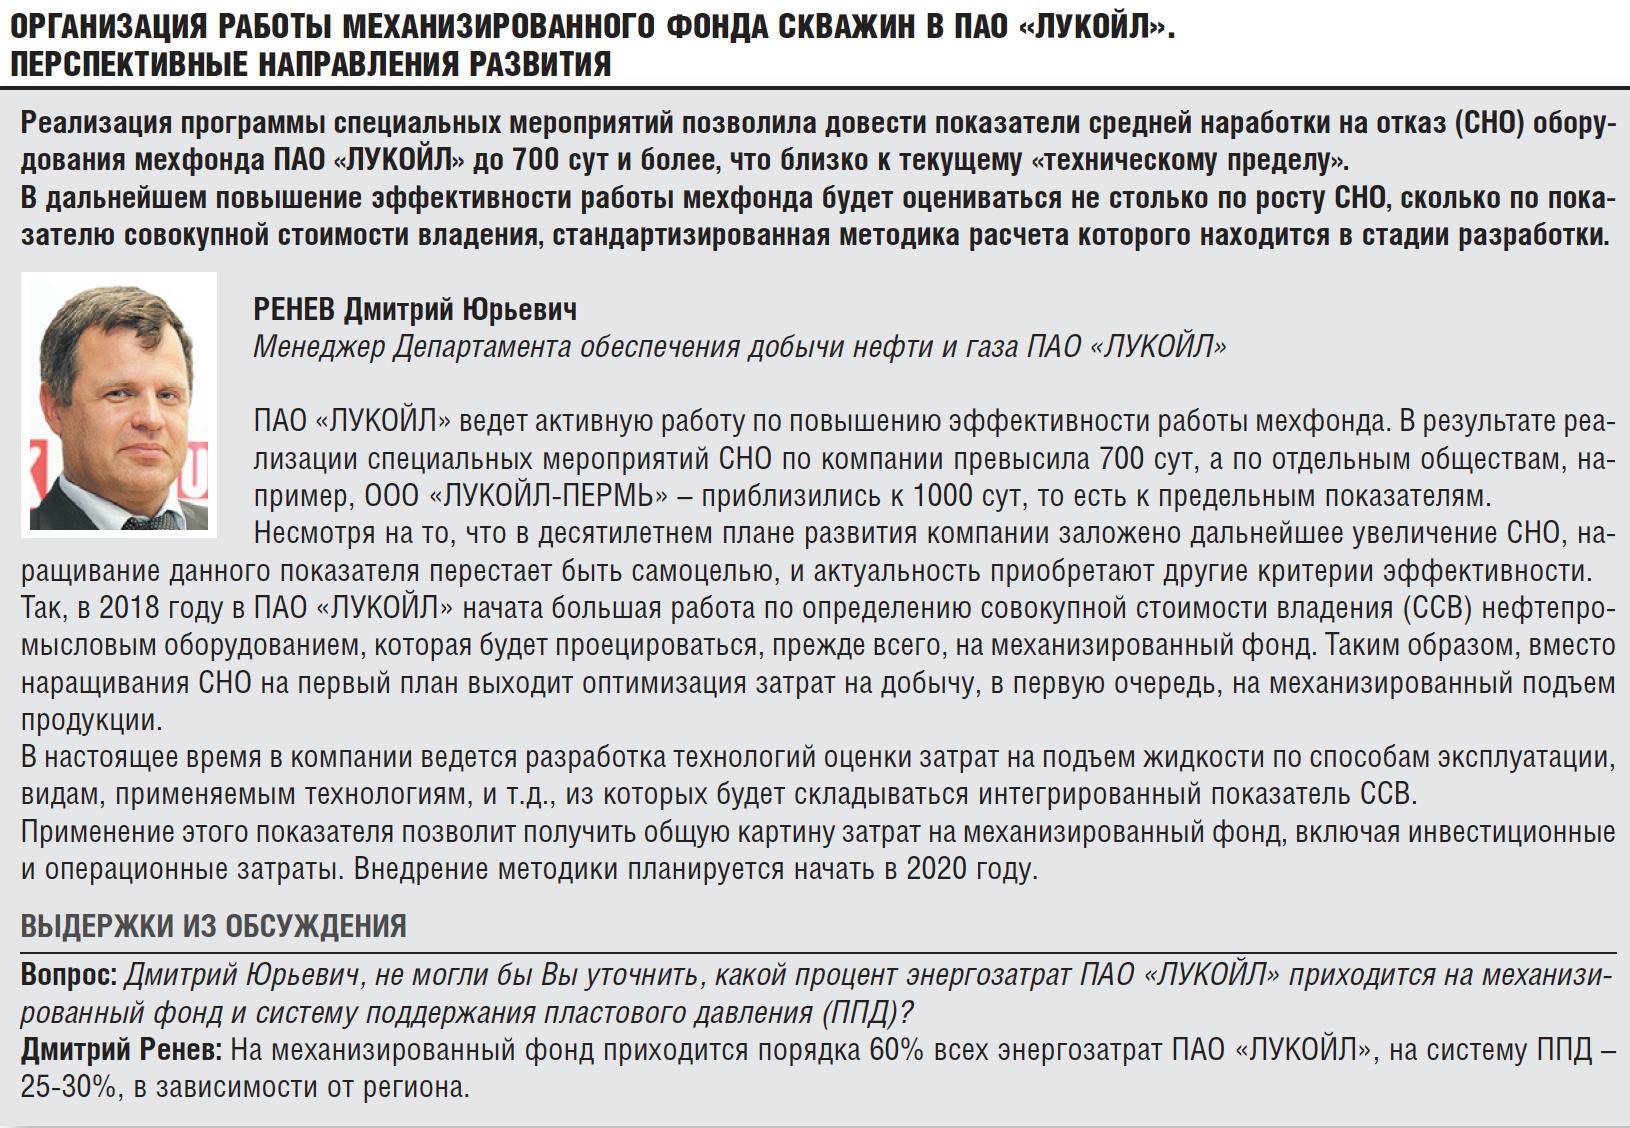 30539 Организация работы механизированного фонда скважин в ПАО «ЛУКОЙЛ». Перспективные направления развития